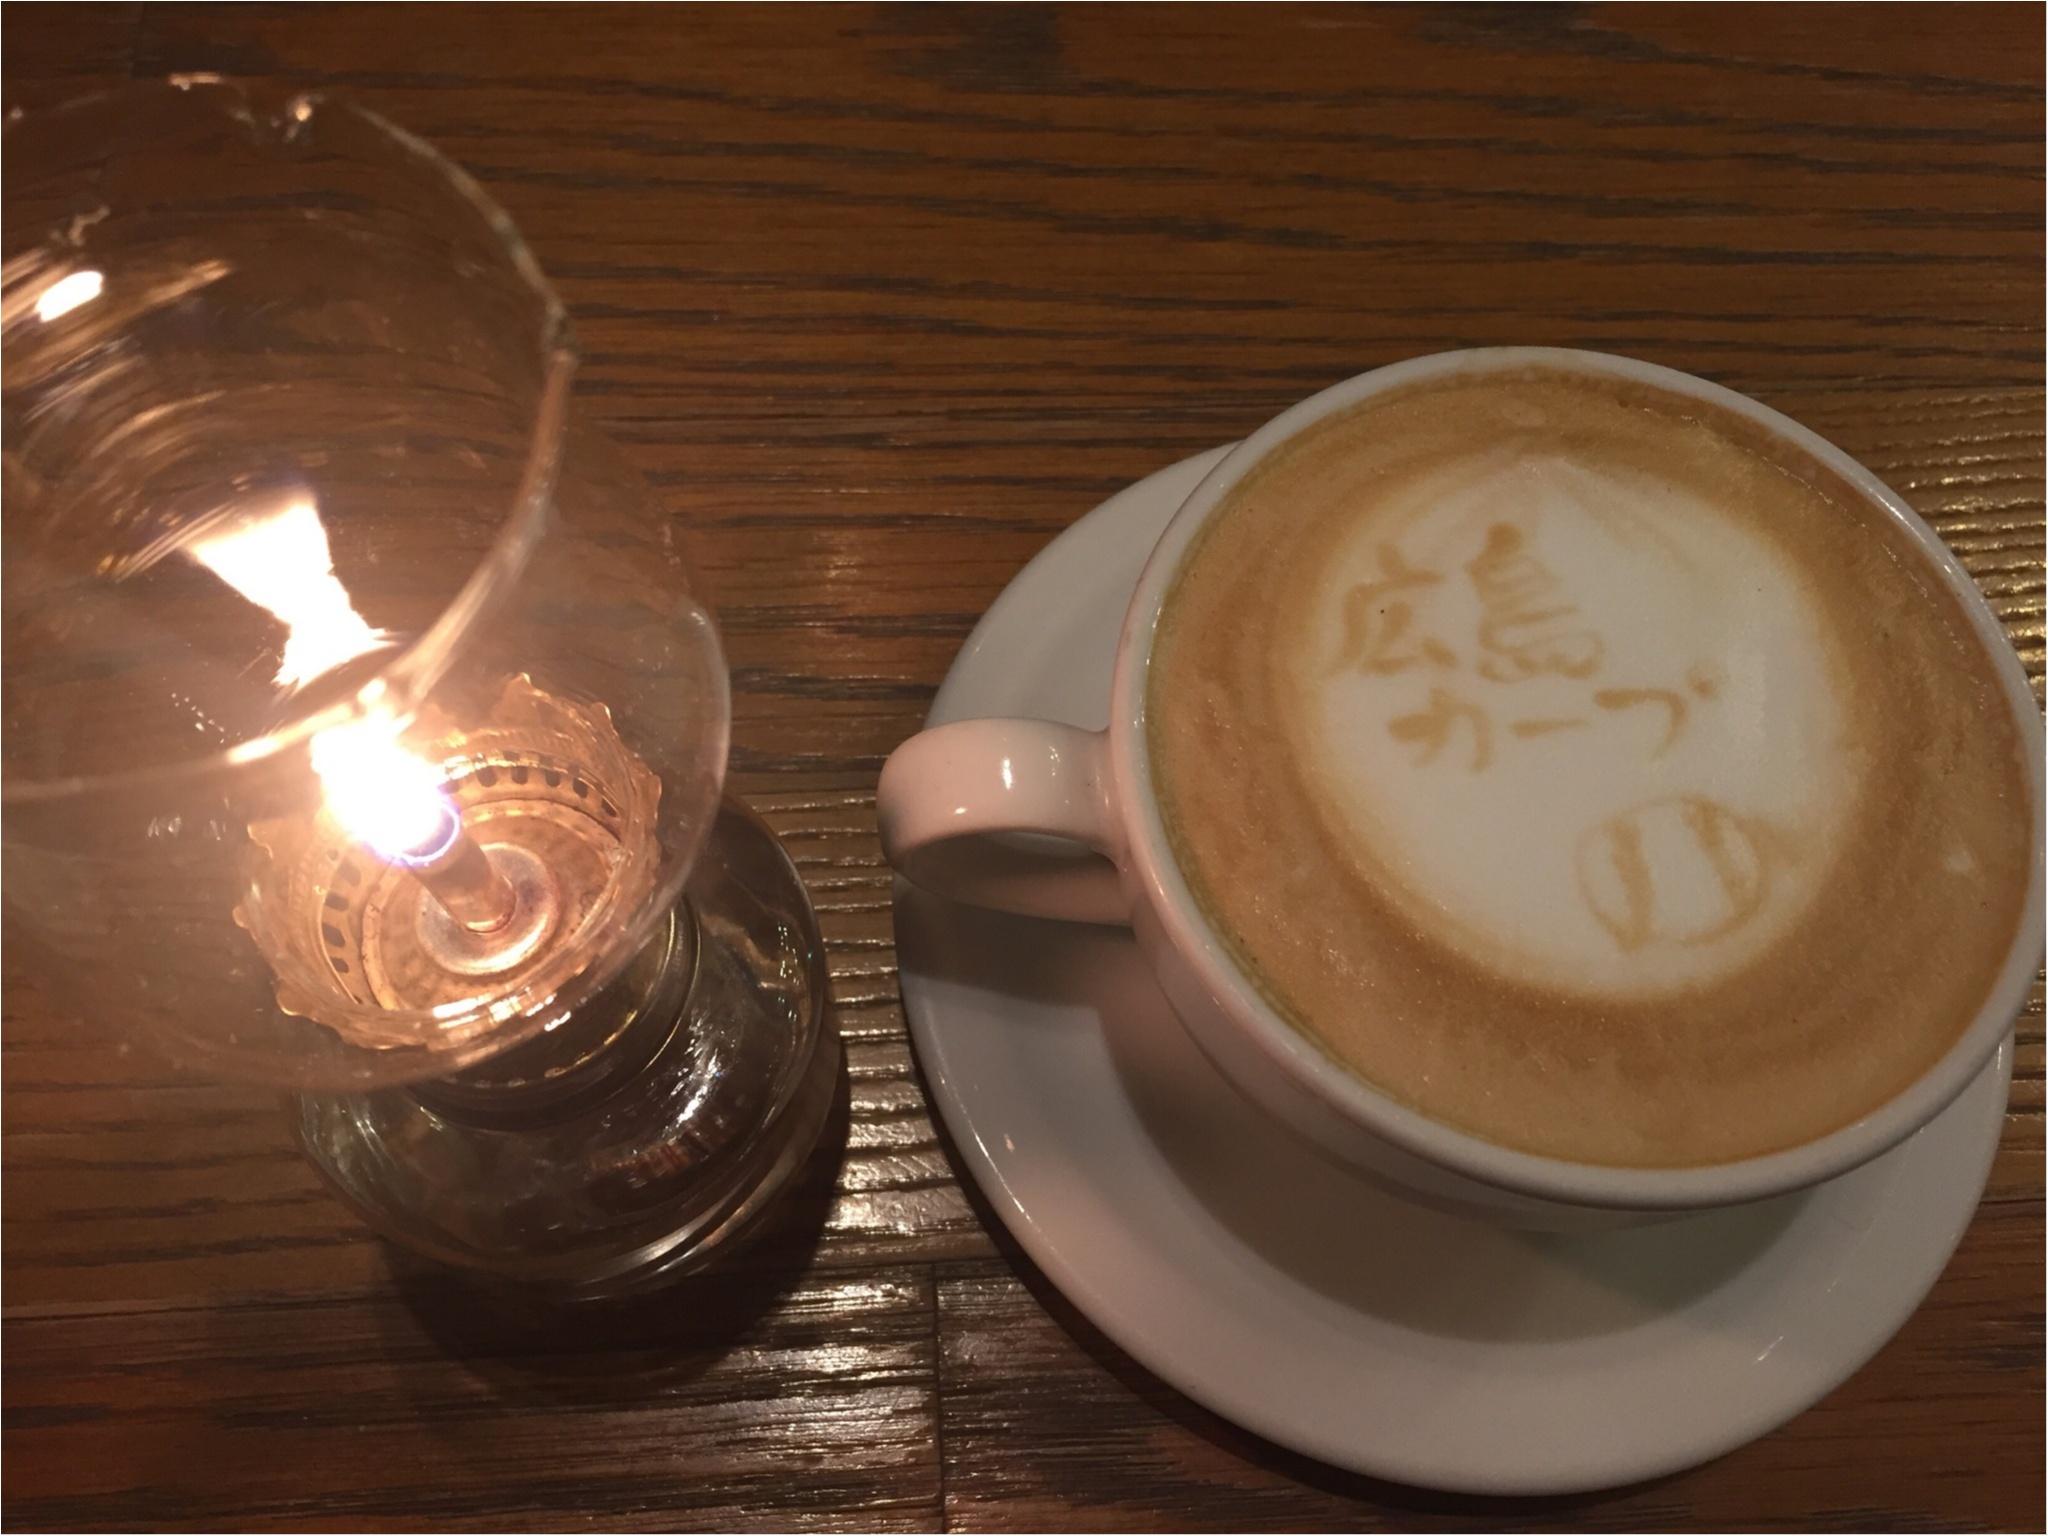 【吉祥寺/CAFE】漫画×アート×カフェ? 個性的な空間が生み出す居心地の良さおすすめです!_3